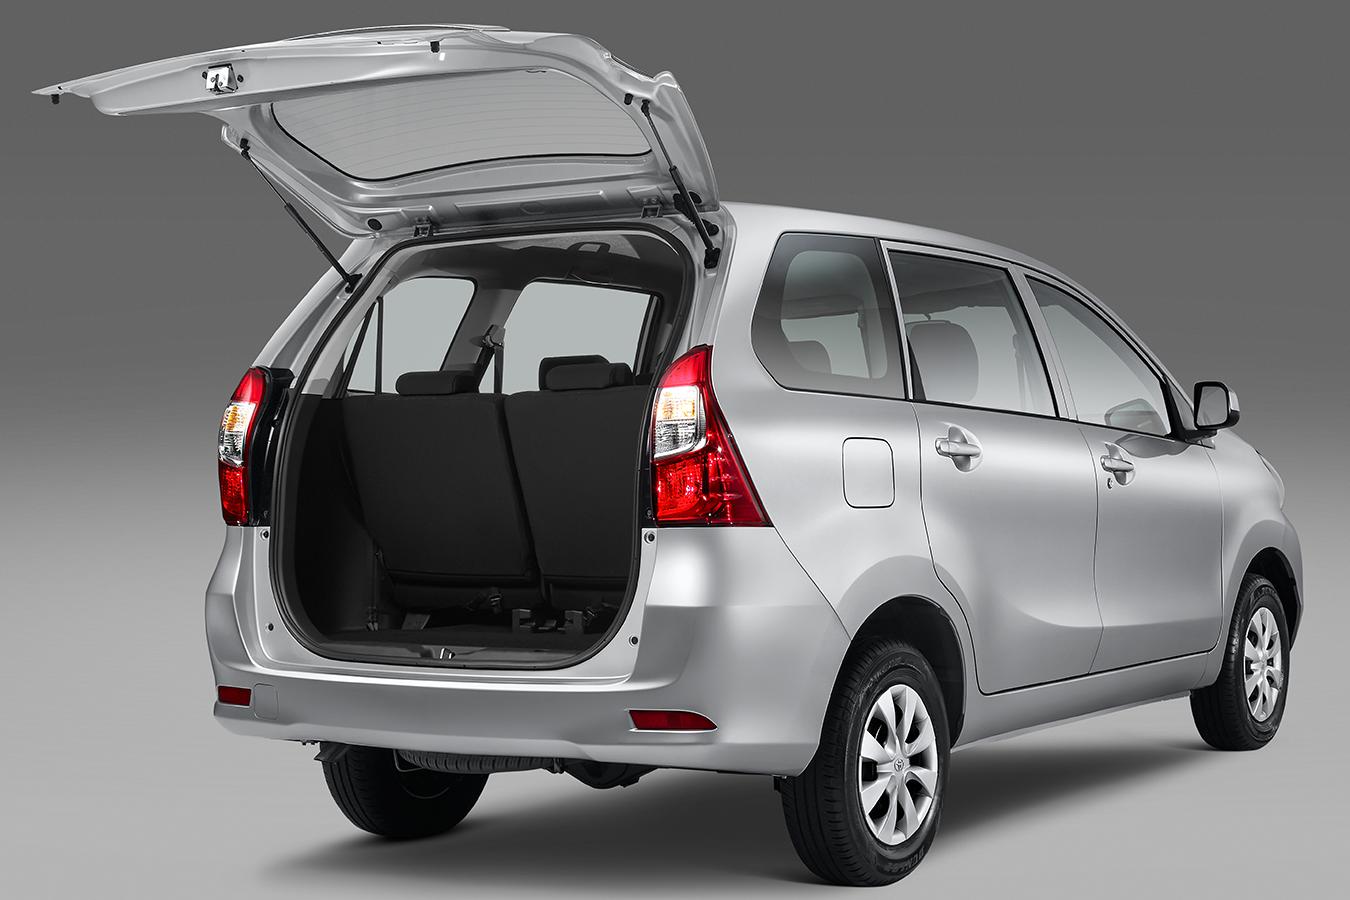 La Toyota Avanza XLE 2020 resena opiniones también tiene tres filas de asientos